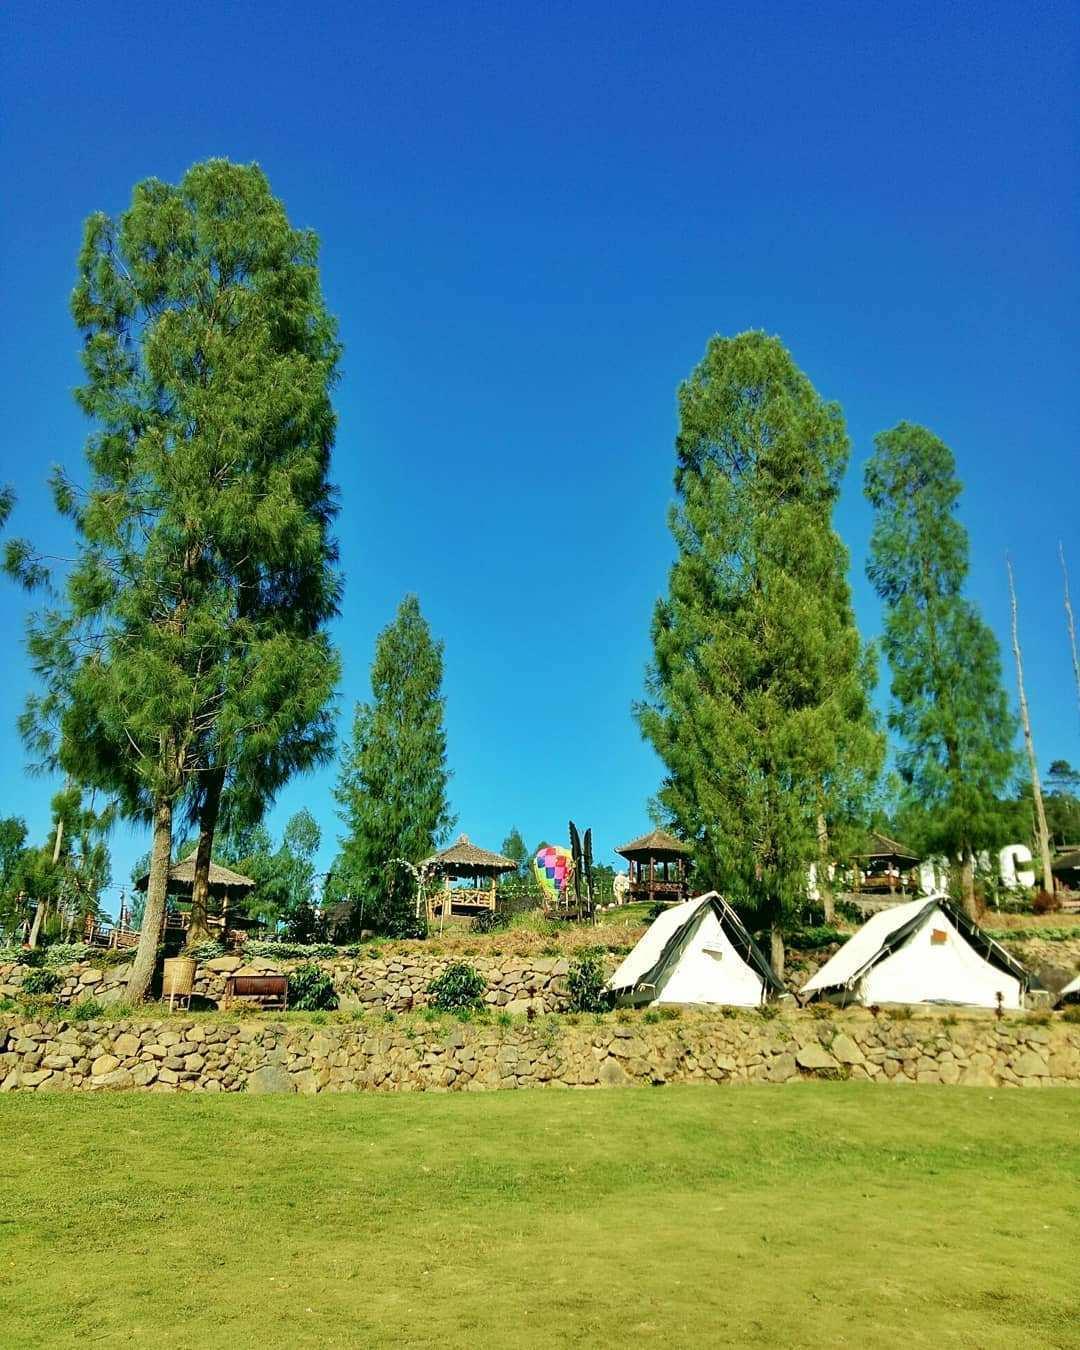 Gazebo dan Tenda di Wisata Alam Lembah Sidoro Posong, Image From @noermalitatiwi